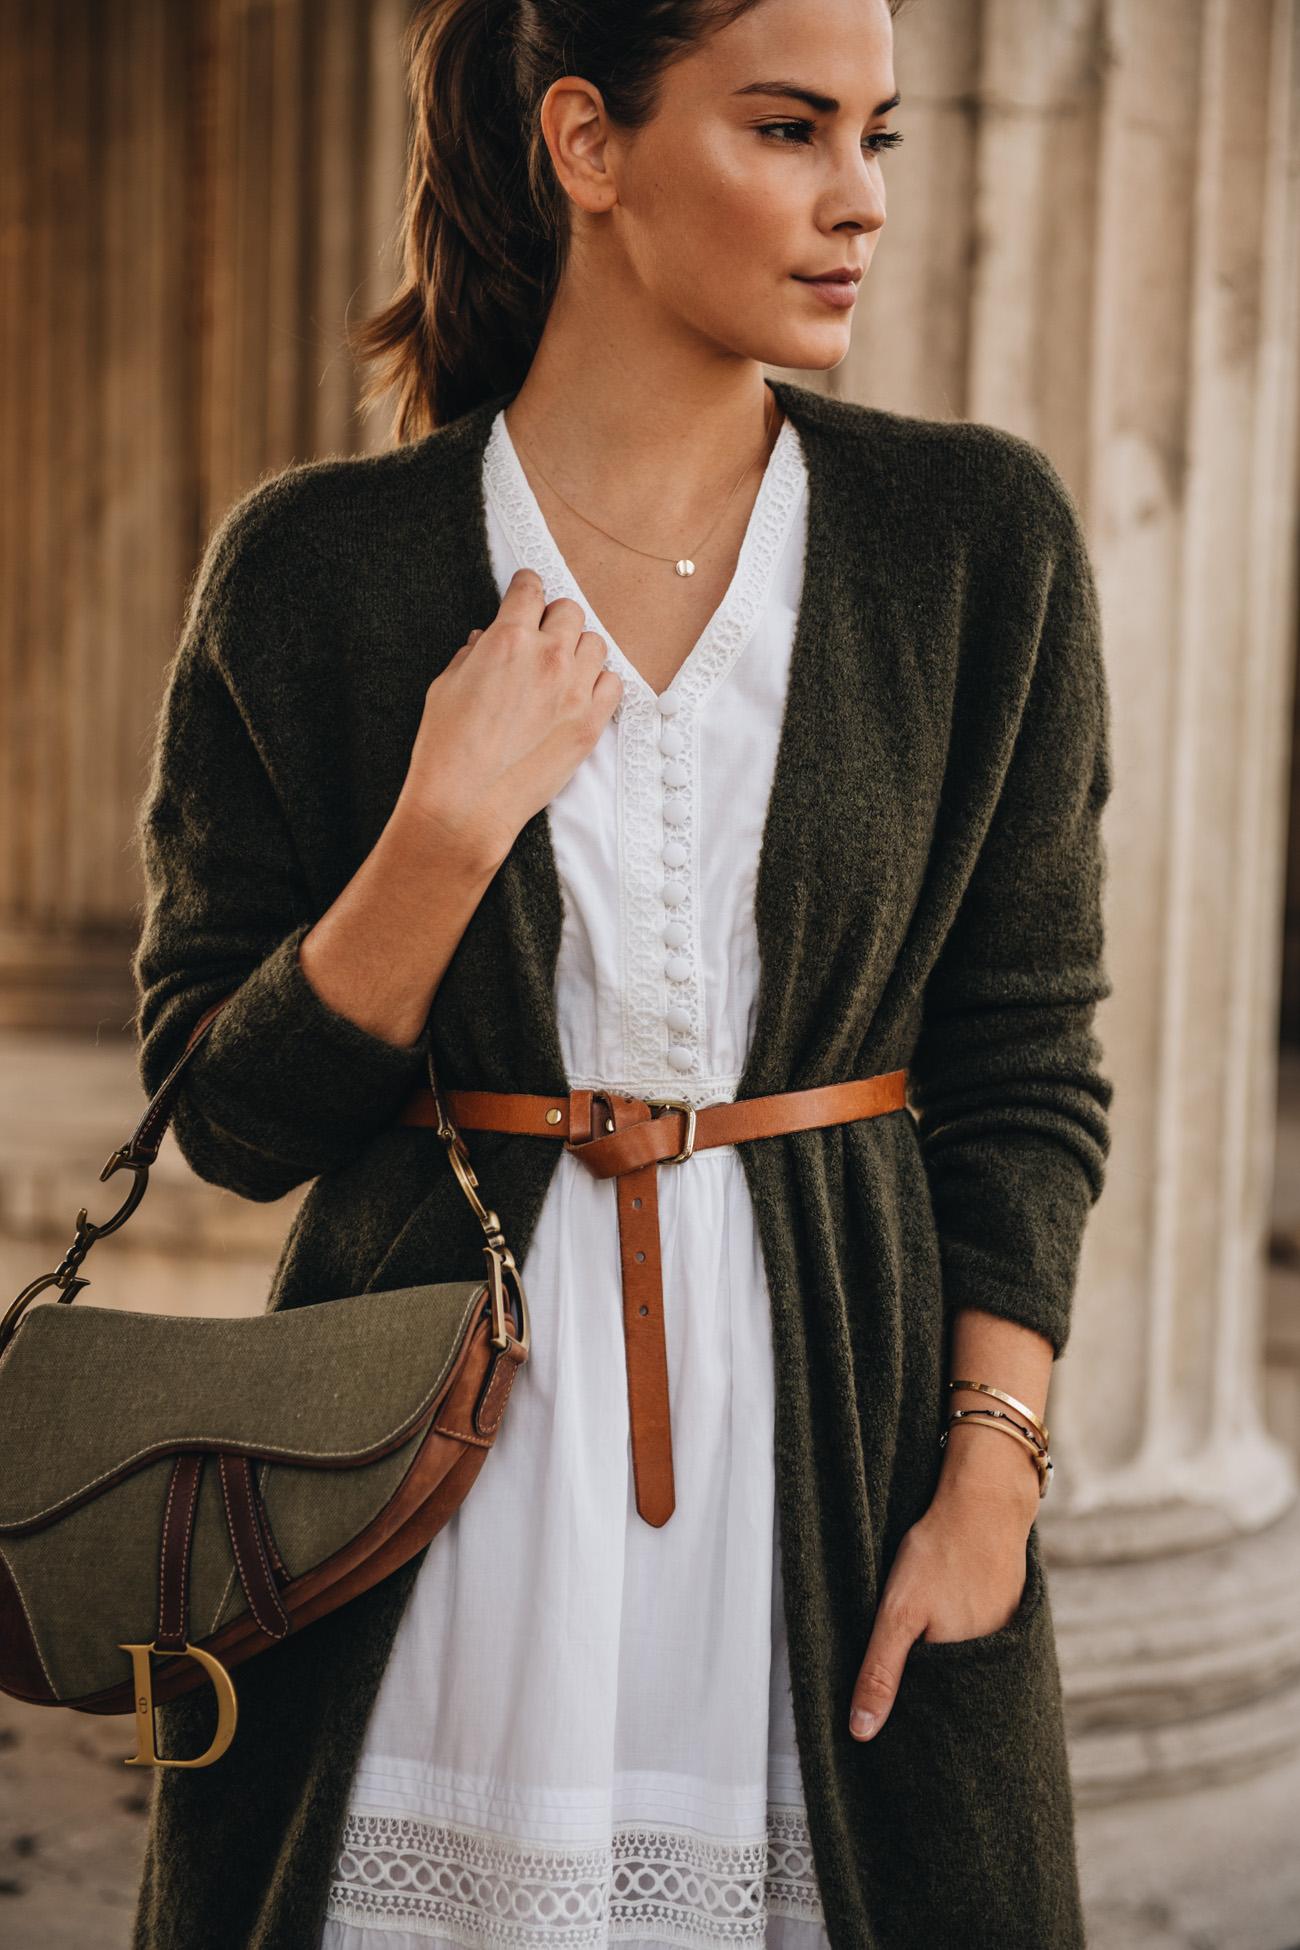 Herbst Outfit Kleid mit Cardigan und Taillengürtel